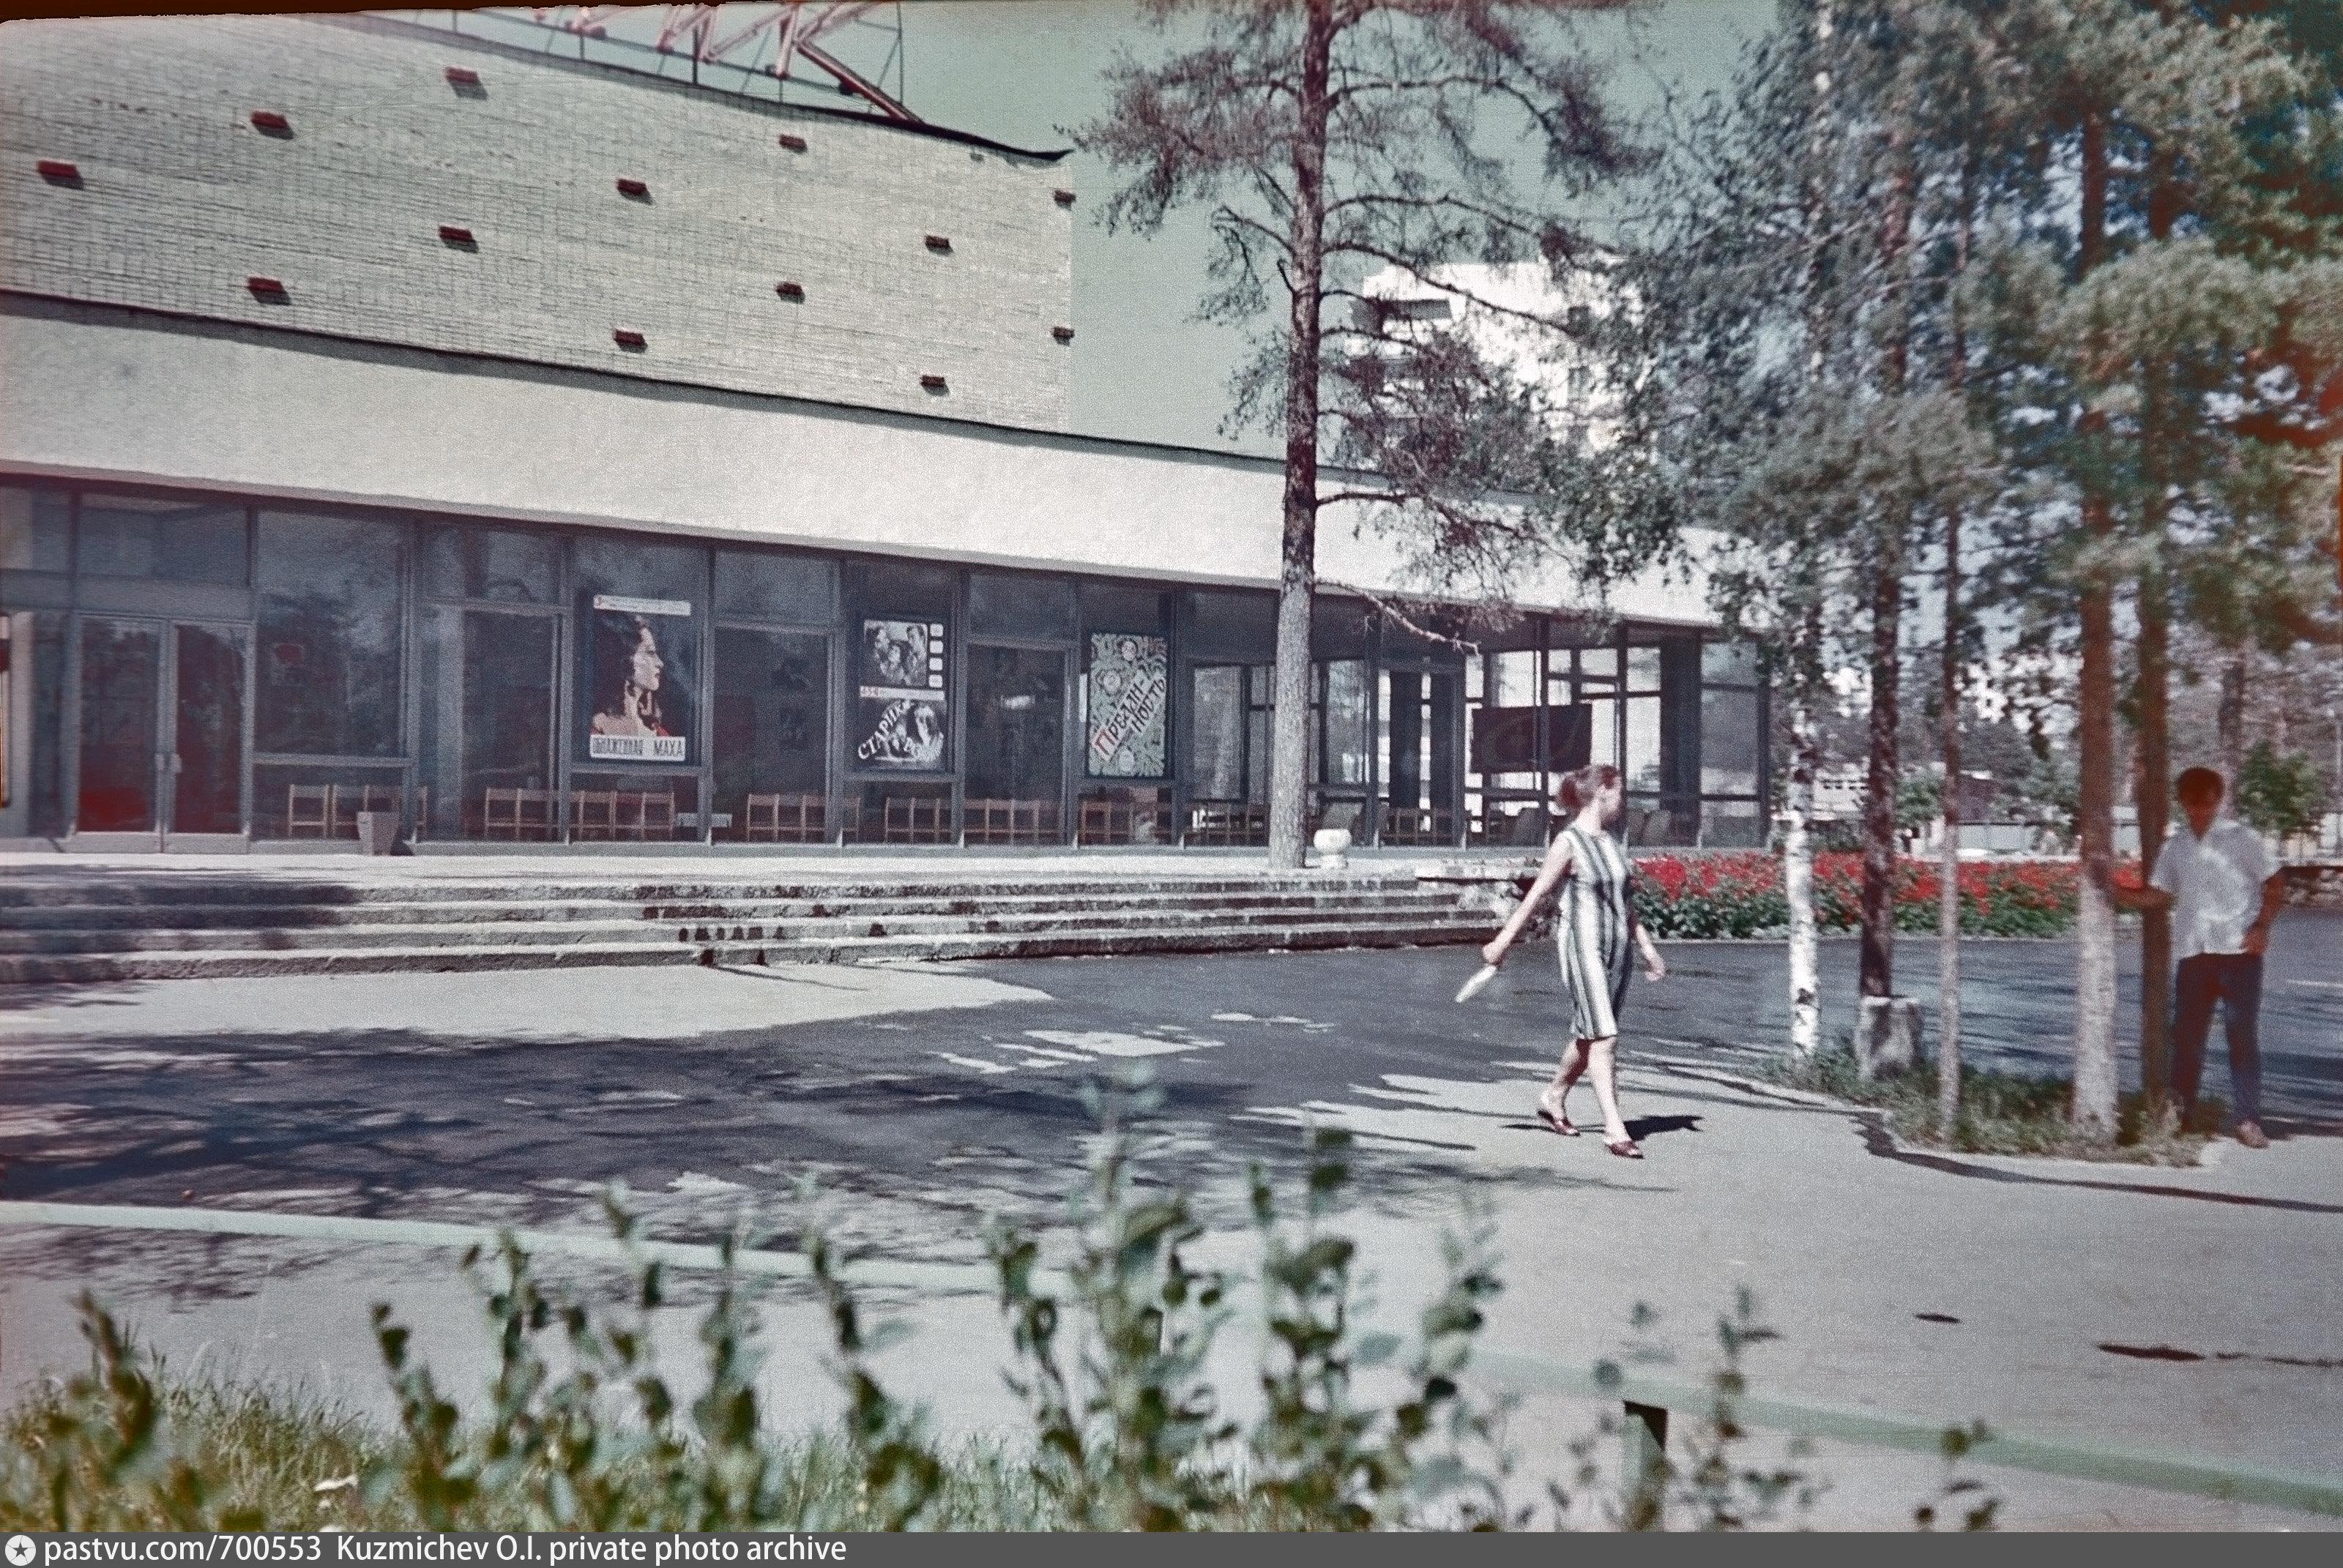 сосновый бор фото строительства архив старые желаете загрузить фото